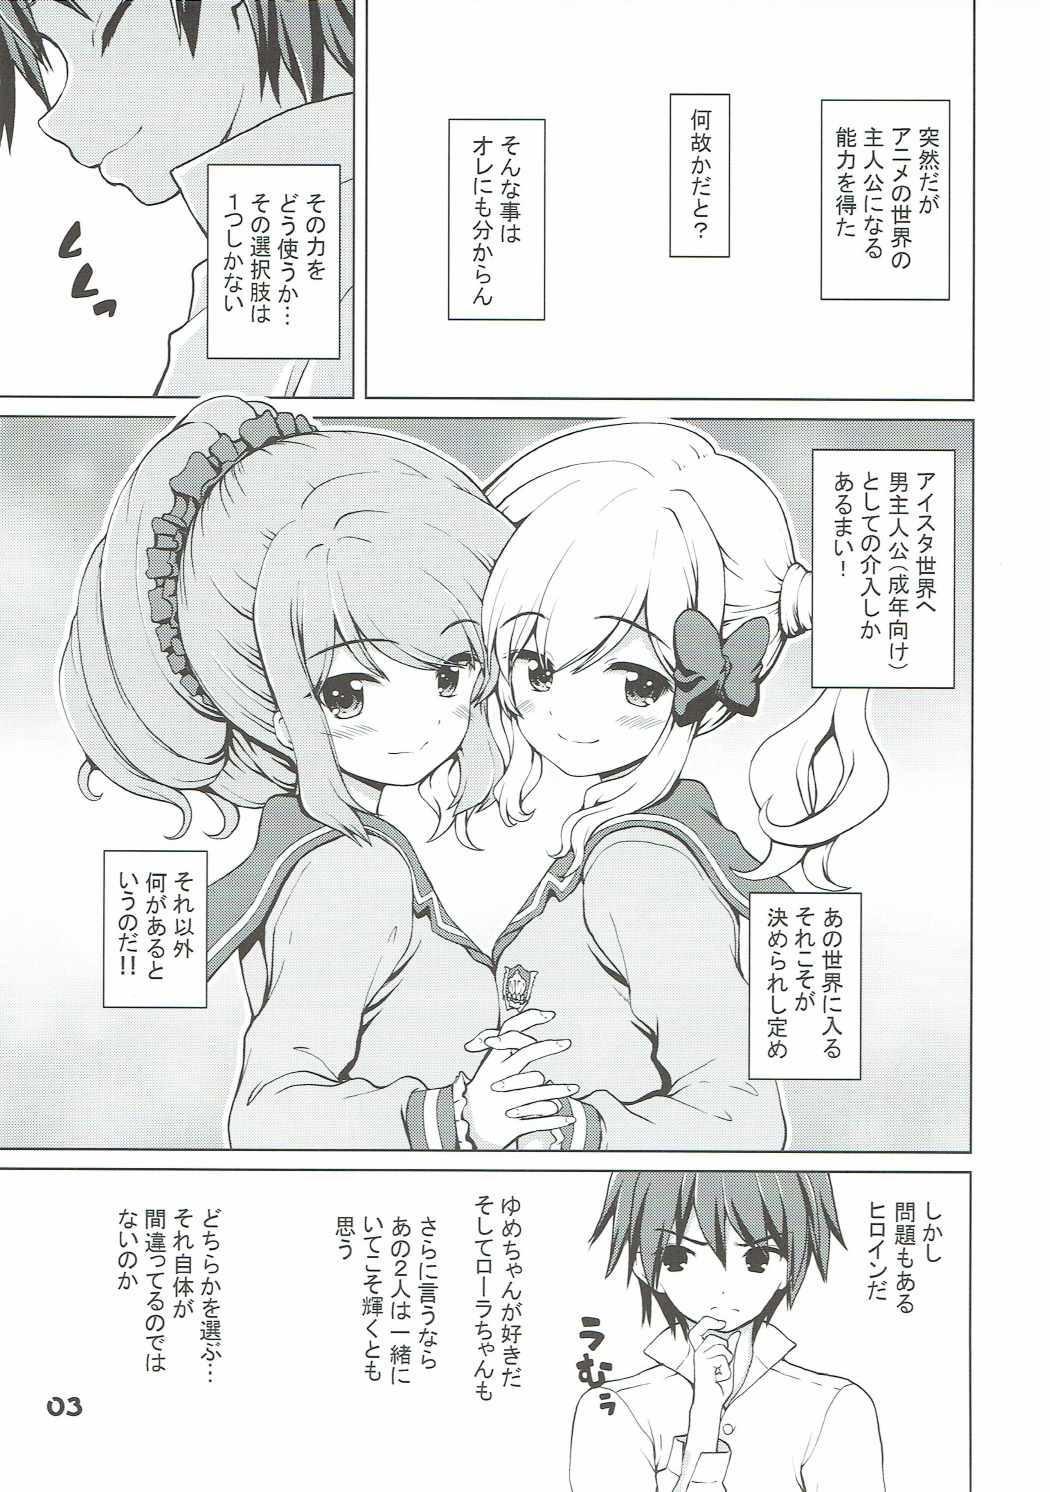 Sentakushi wa 1-tsu ja Nai! 1